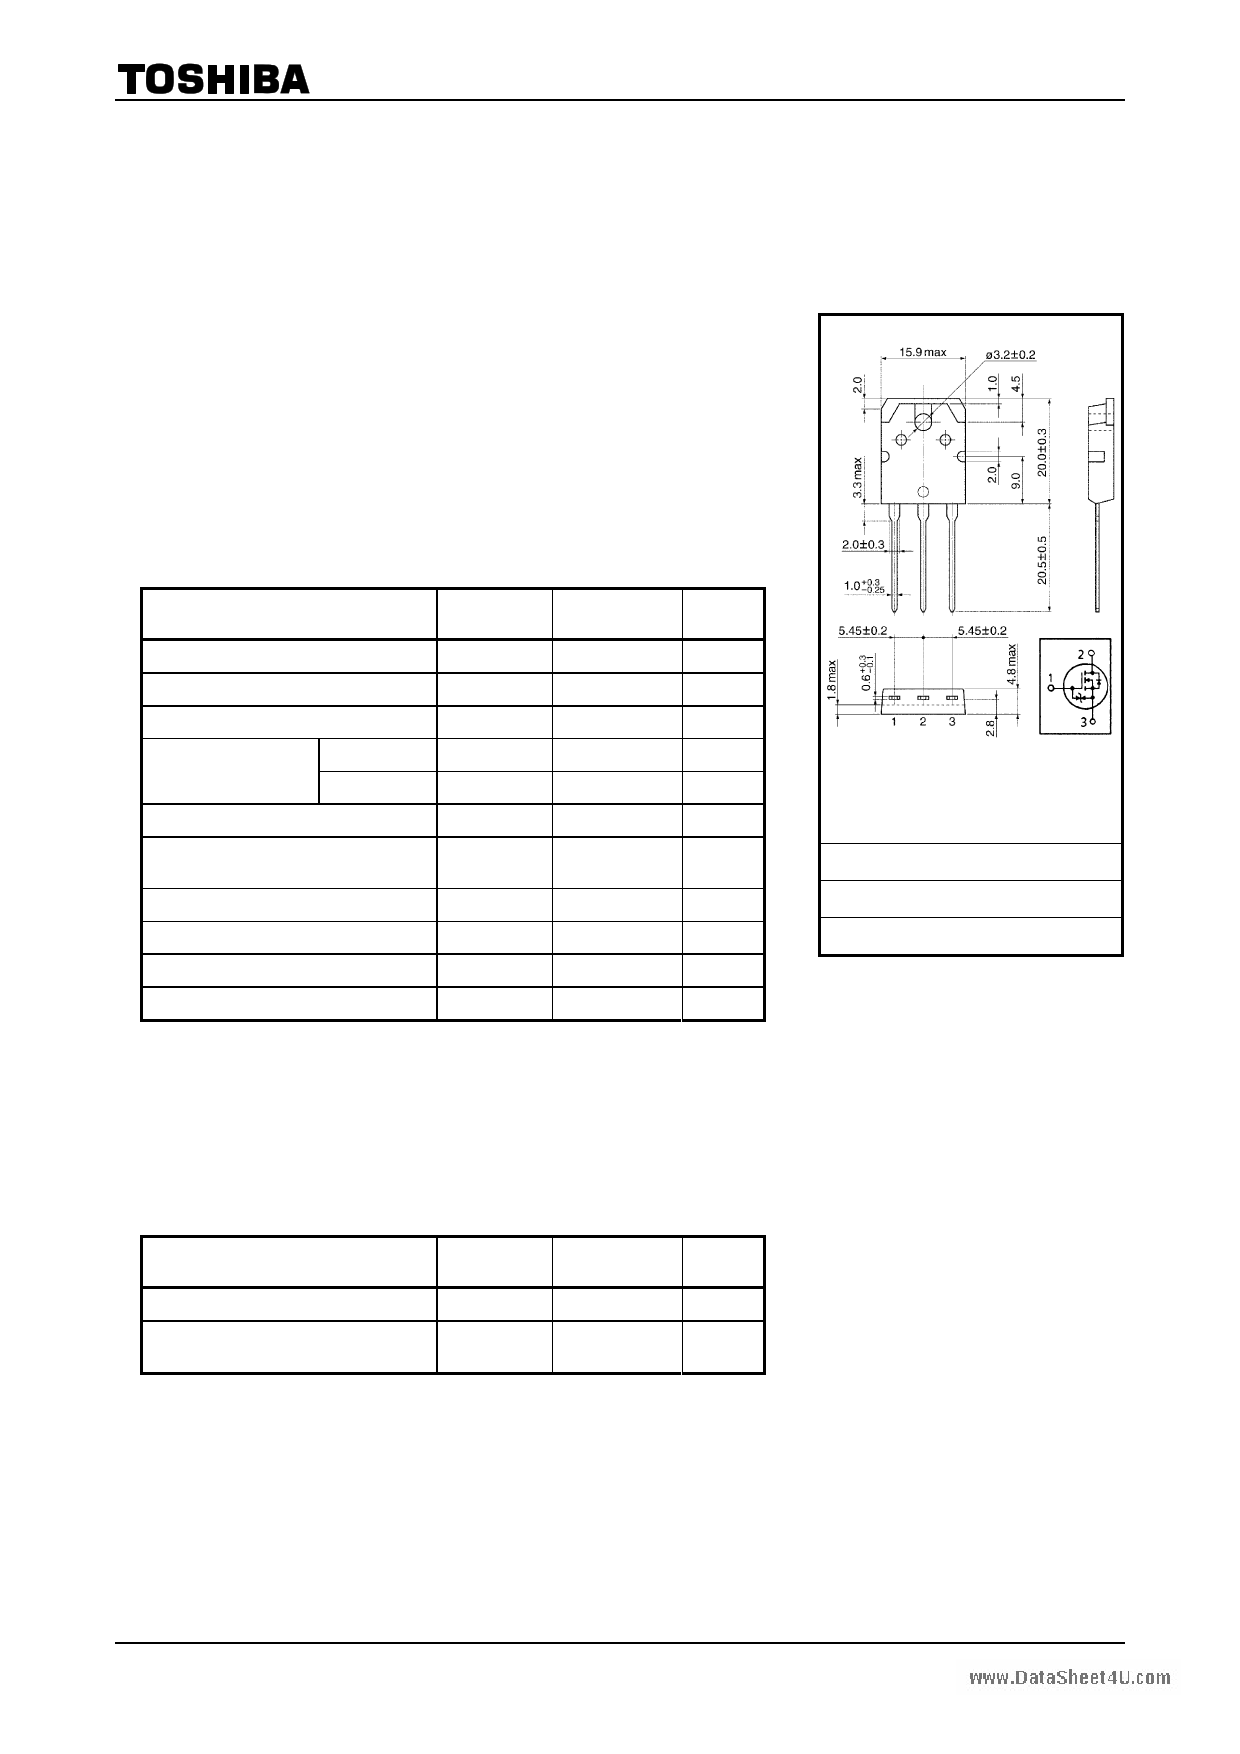 K2698 datasheet image